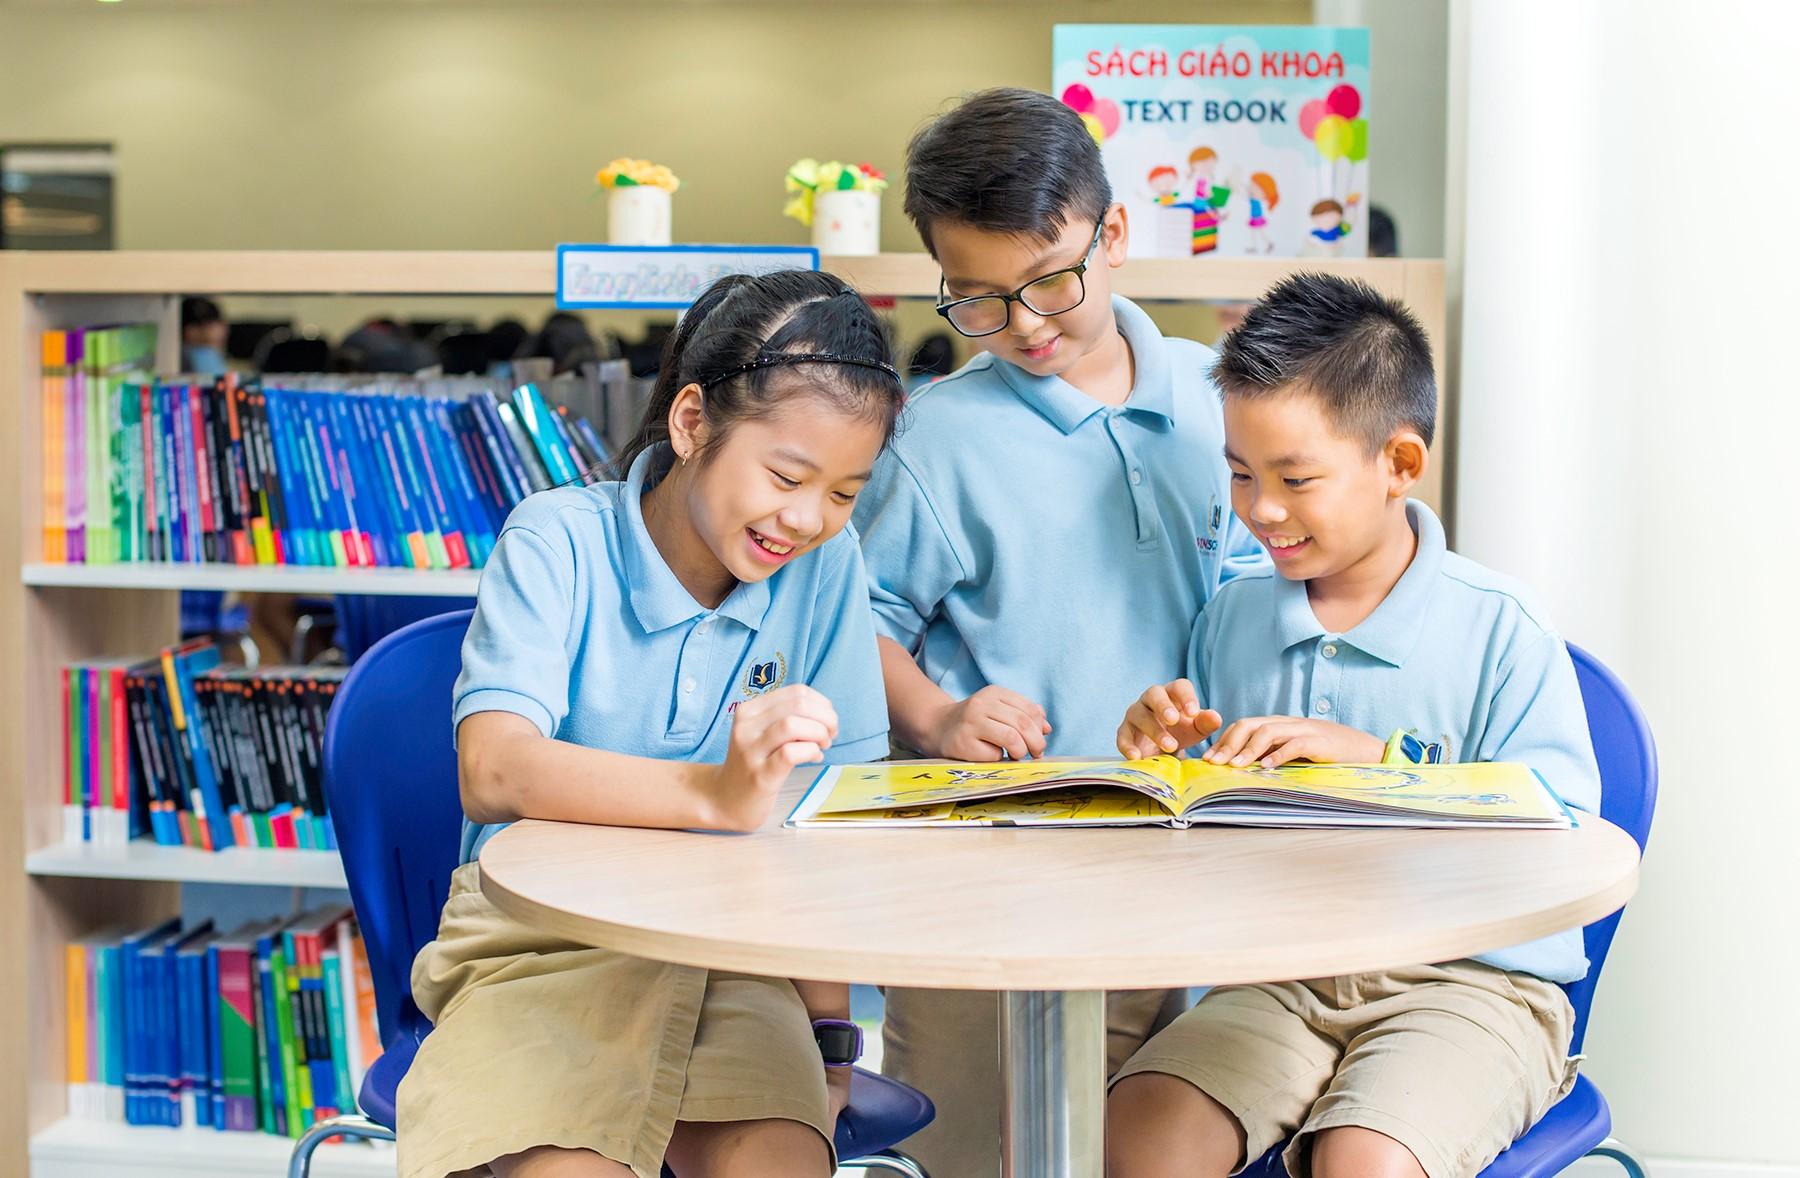 Danh sách đồ dùng học tập dành cho học sinh Tiểu học (Miền Nam)